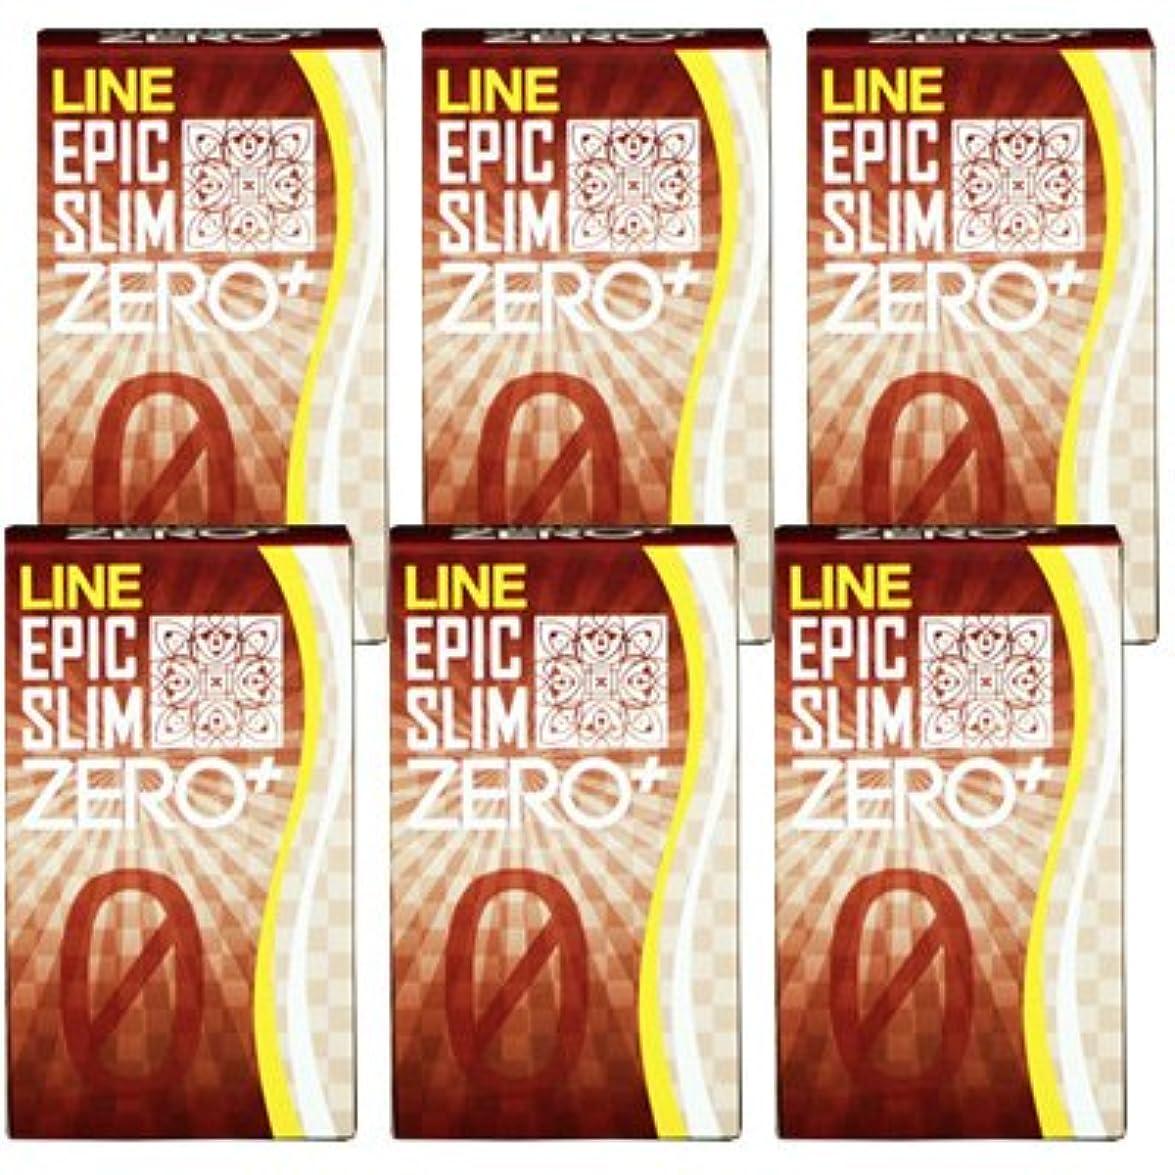 スリルブッシュ場所LINE エピックスリム ゼロ PLUS 6個セット Line Epic Slim ZERO PLUS ×6個